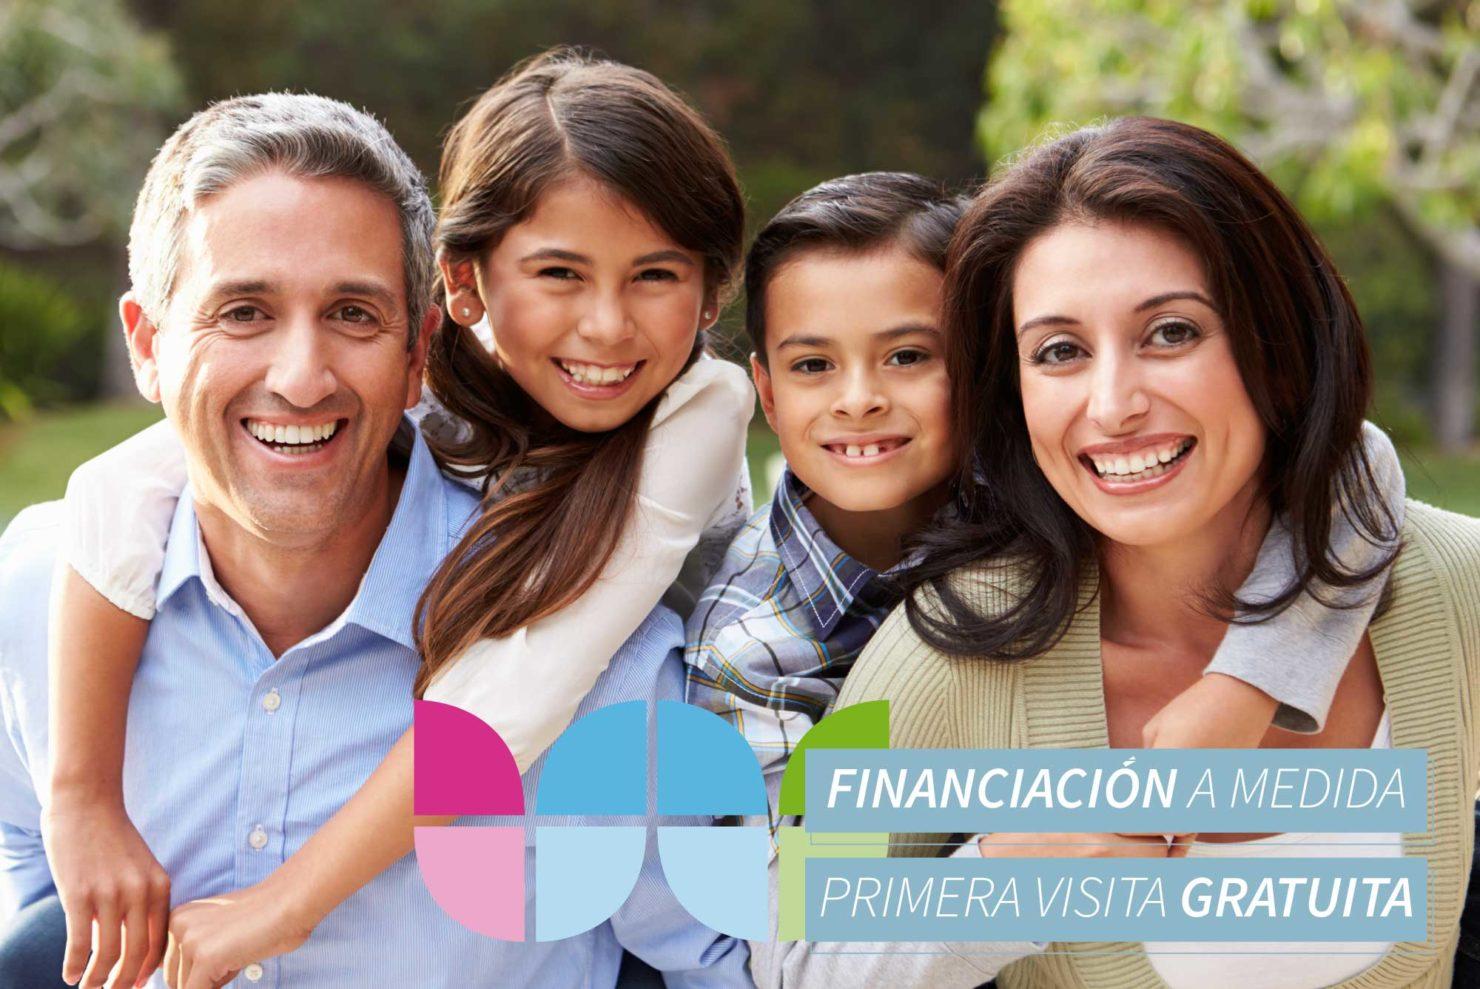 Calident - Financiación a medida - primera visita gratuita